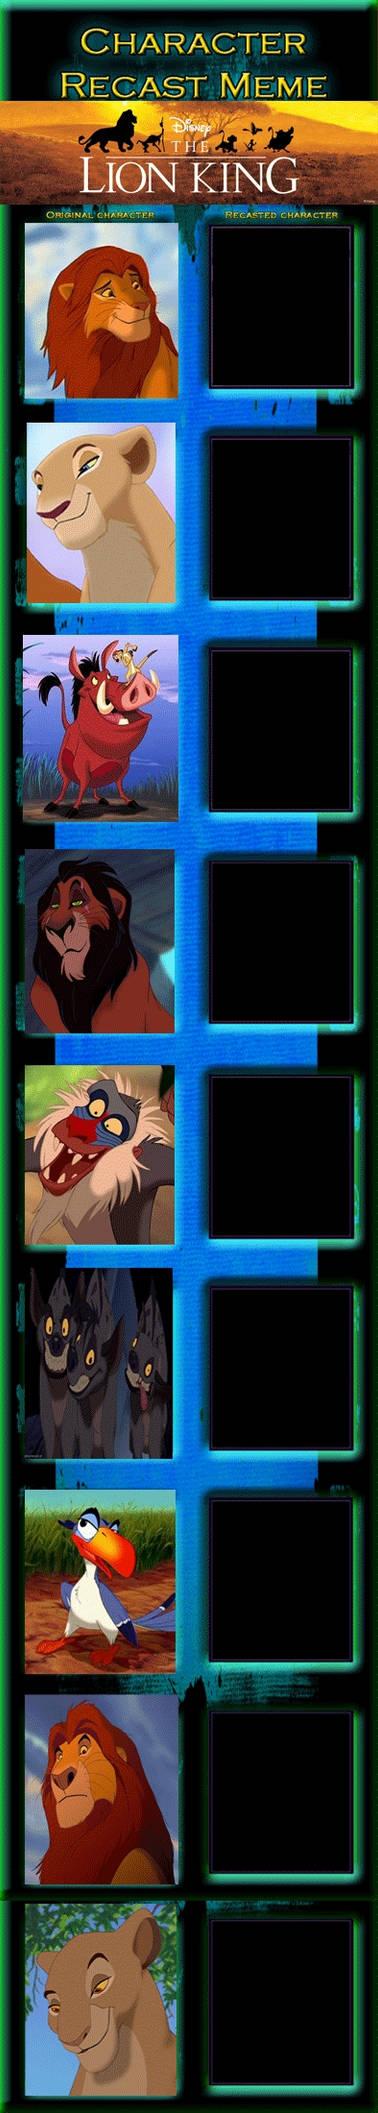 The Lion King Recast Meme